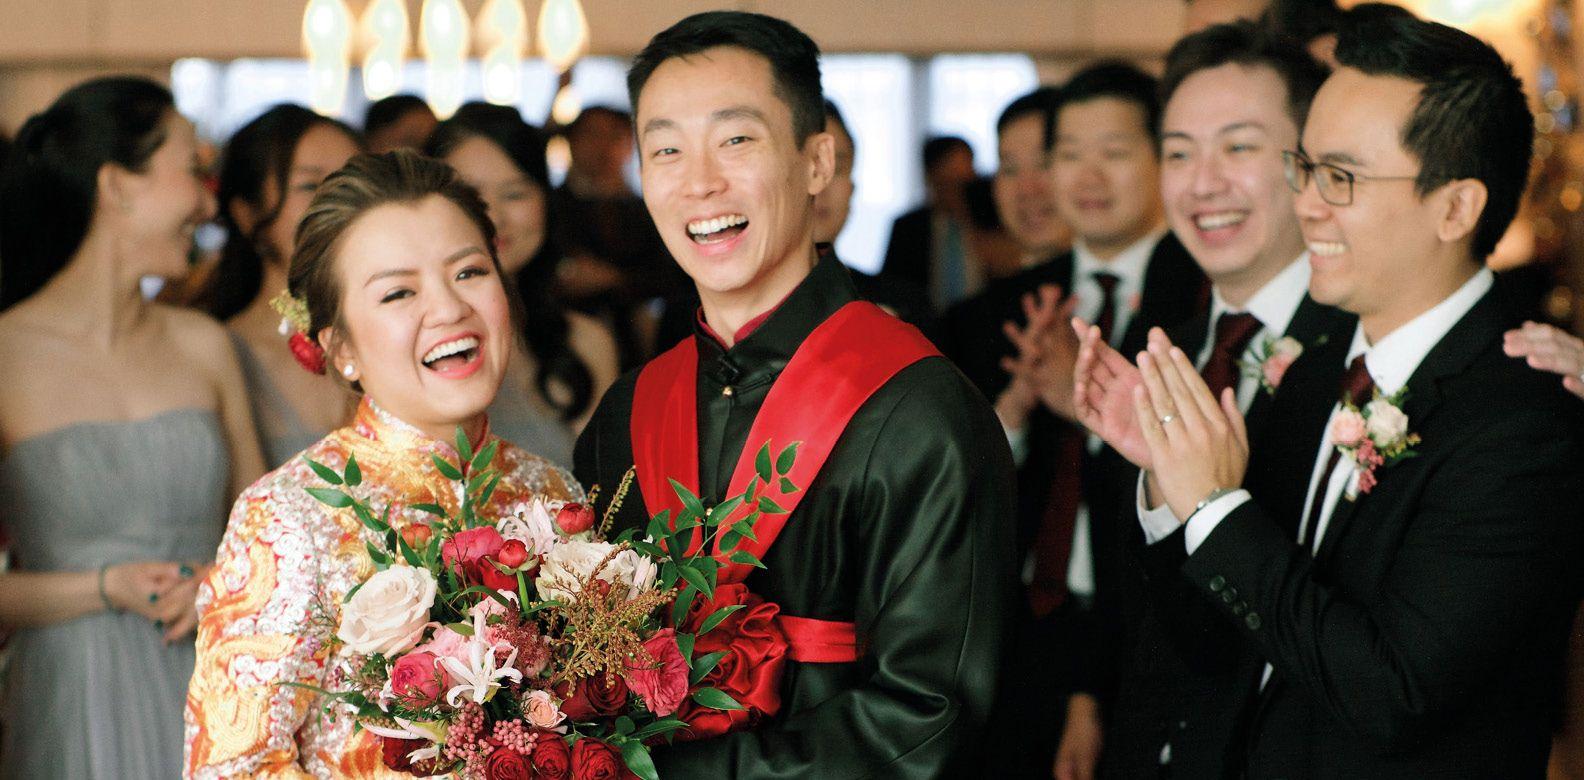 Real Weddings: Inside Emerald Shek And Ng Chung-man's Wedding